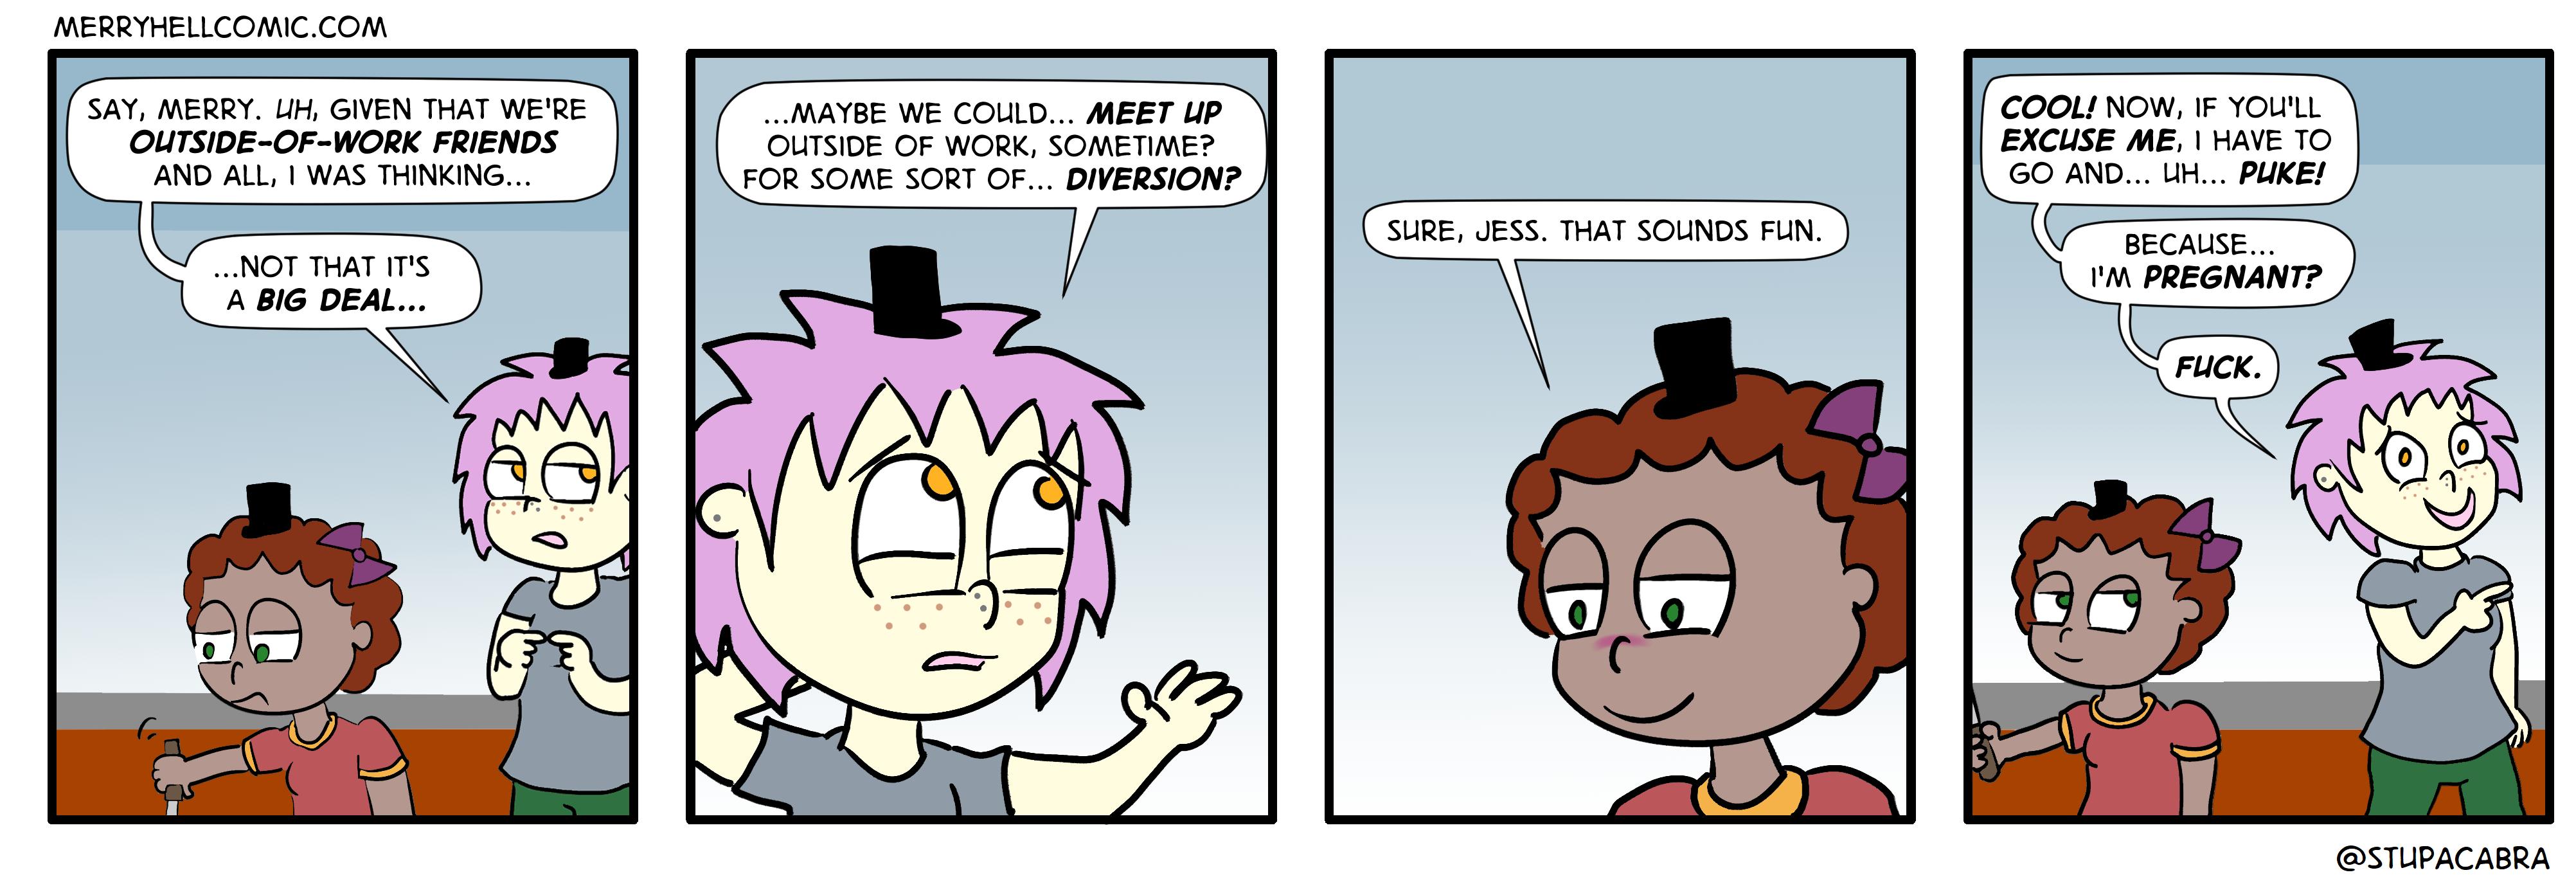 209. Diversion